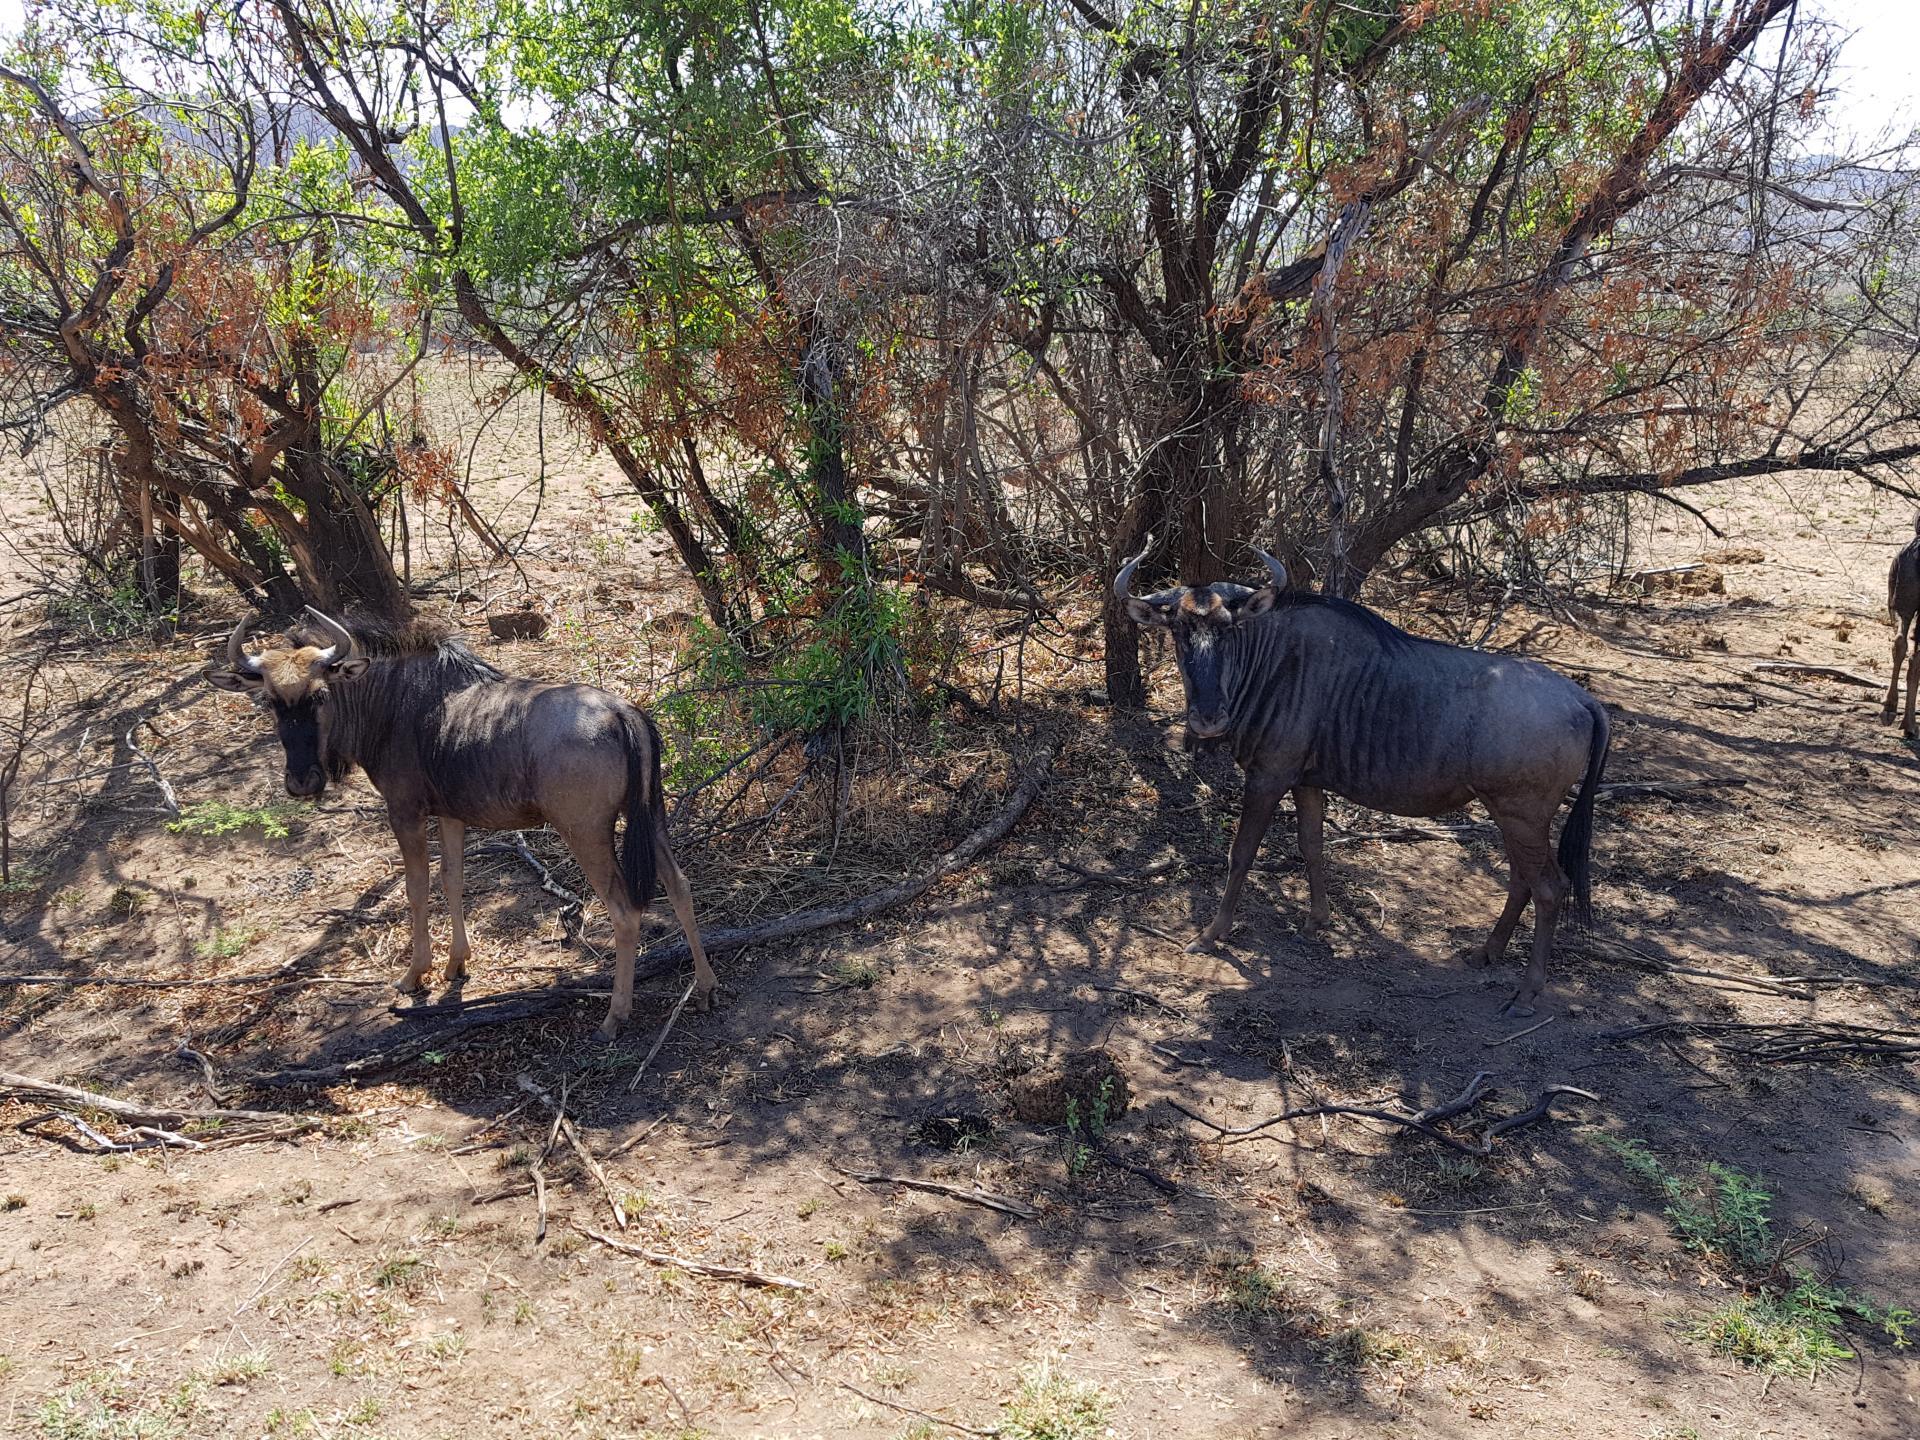 антилопы Гну, парк Пиланесберг